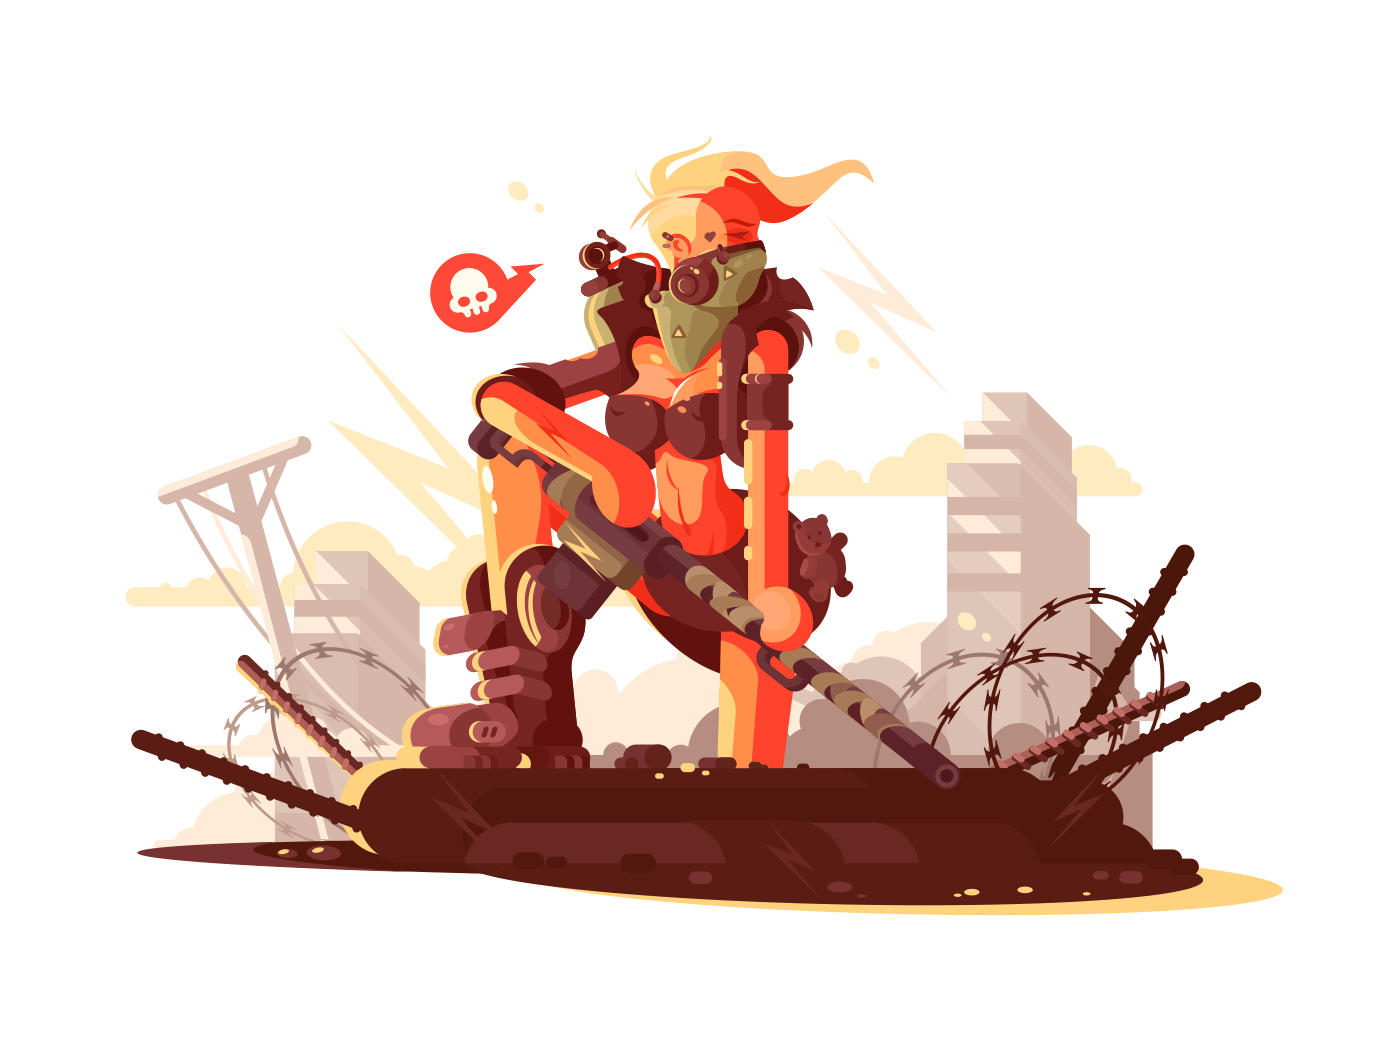 Postapokalipsis girl on ruins illustration